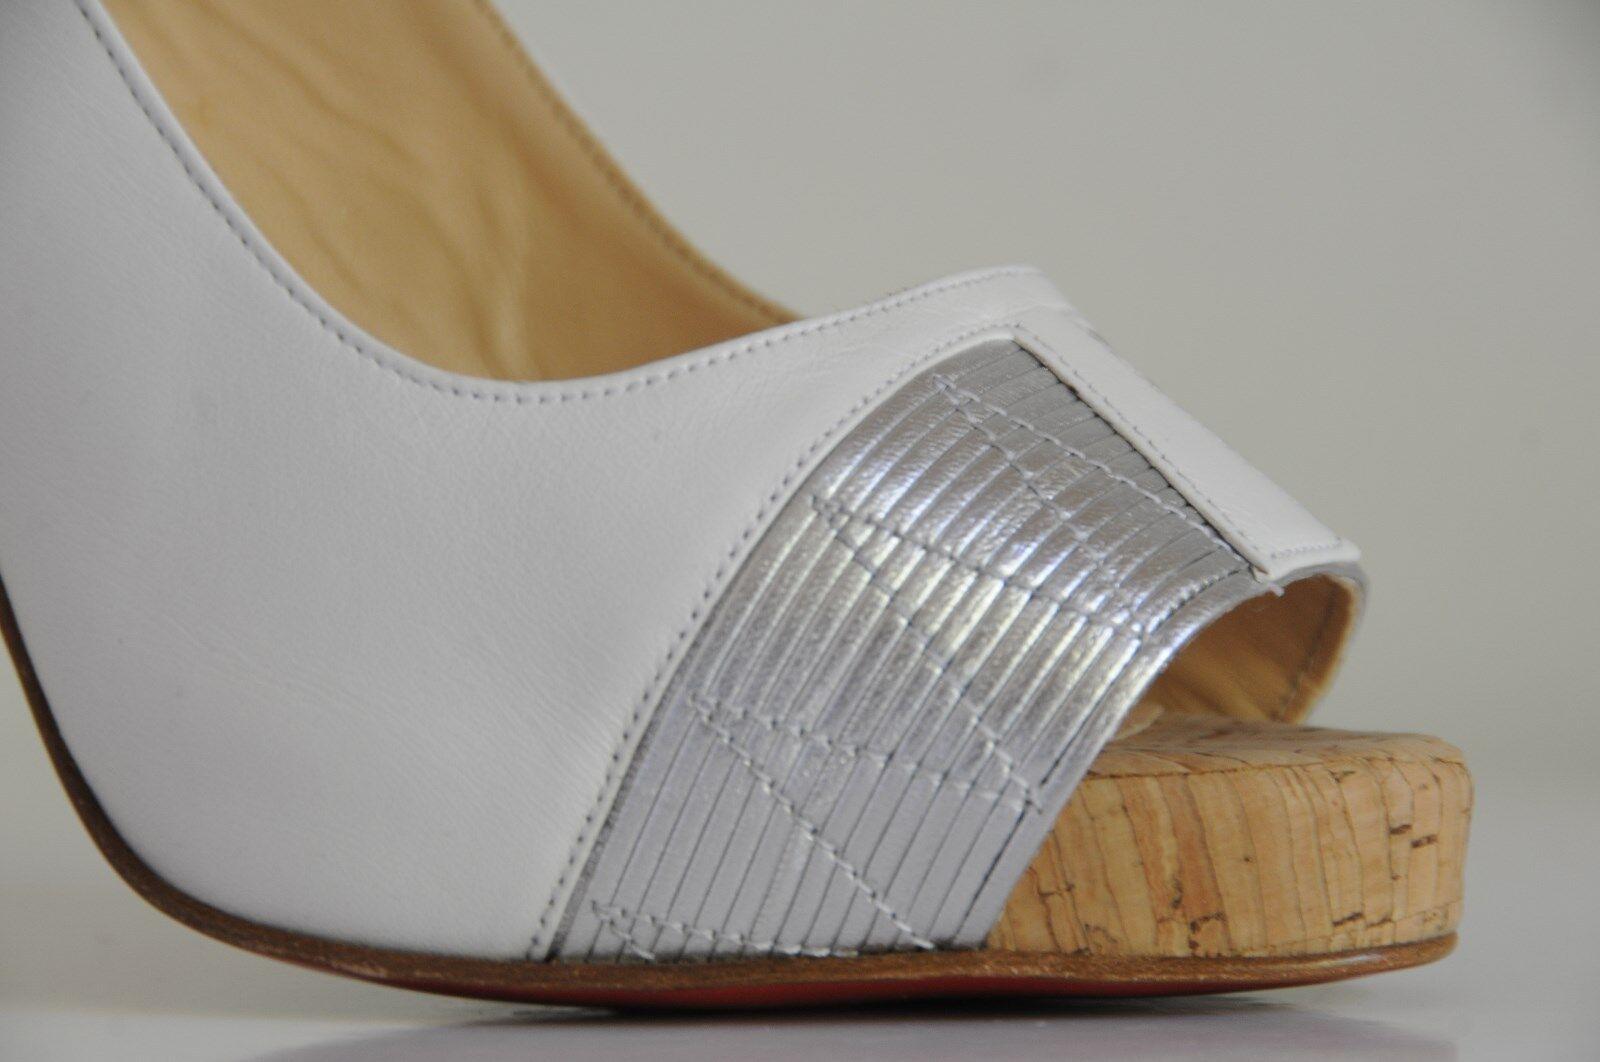 New Christian Louboutin Moyen Moyen Moyen Prive White Silver Cork Sling Platform Heels shoes 404d28